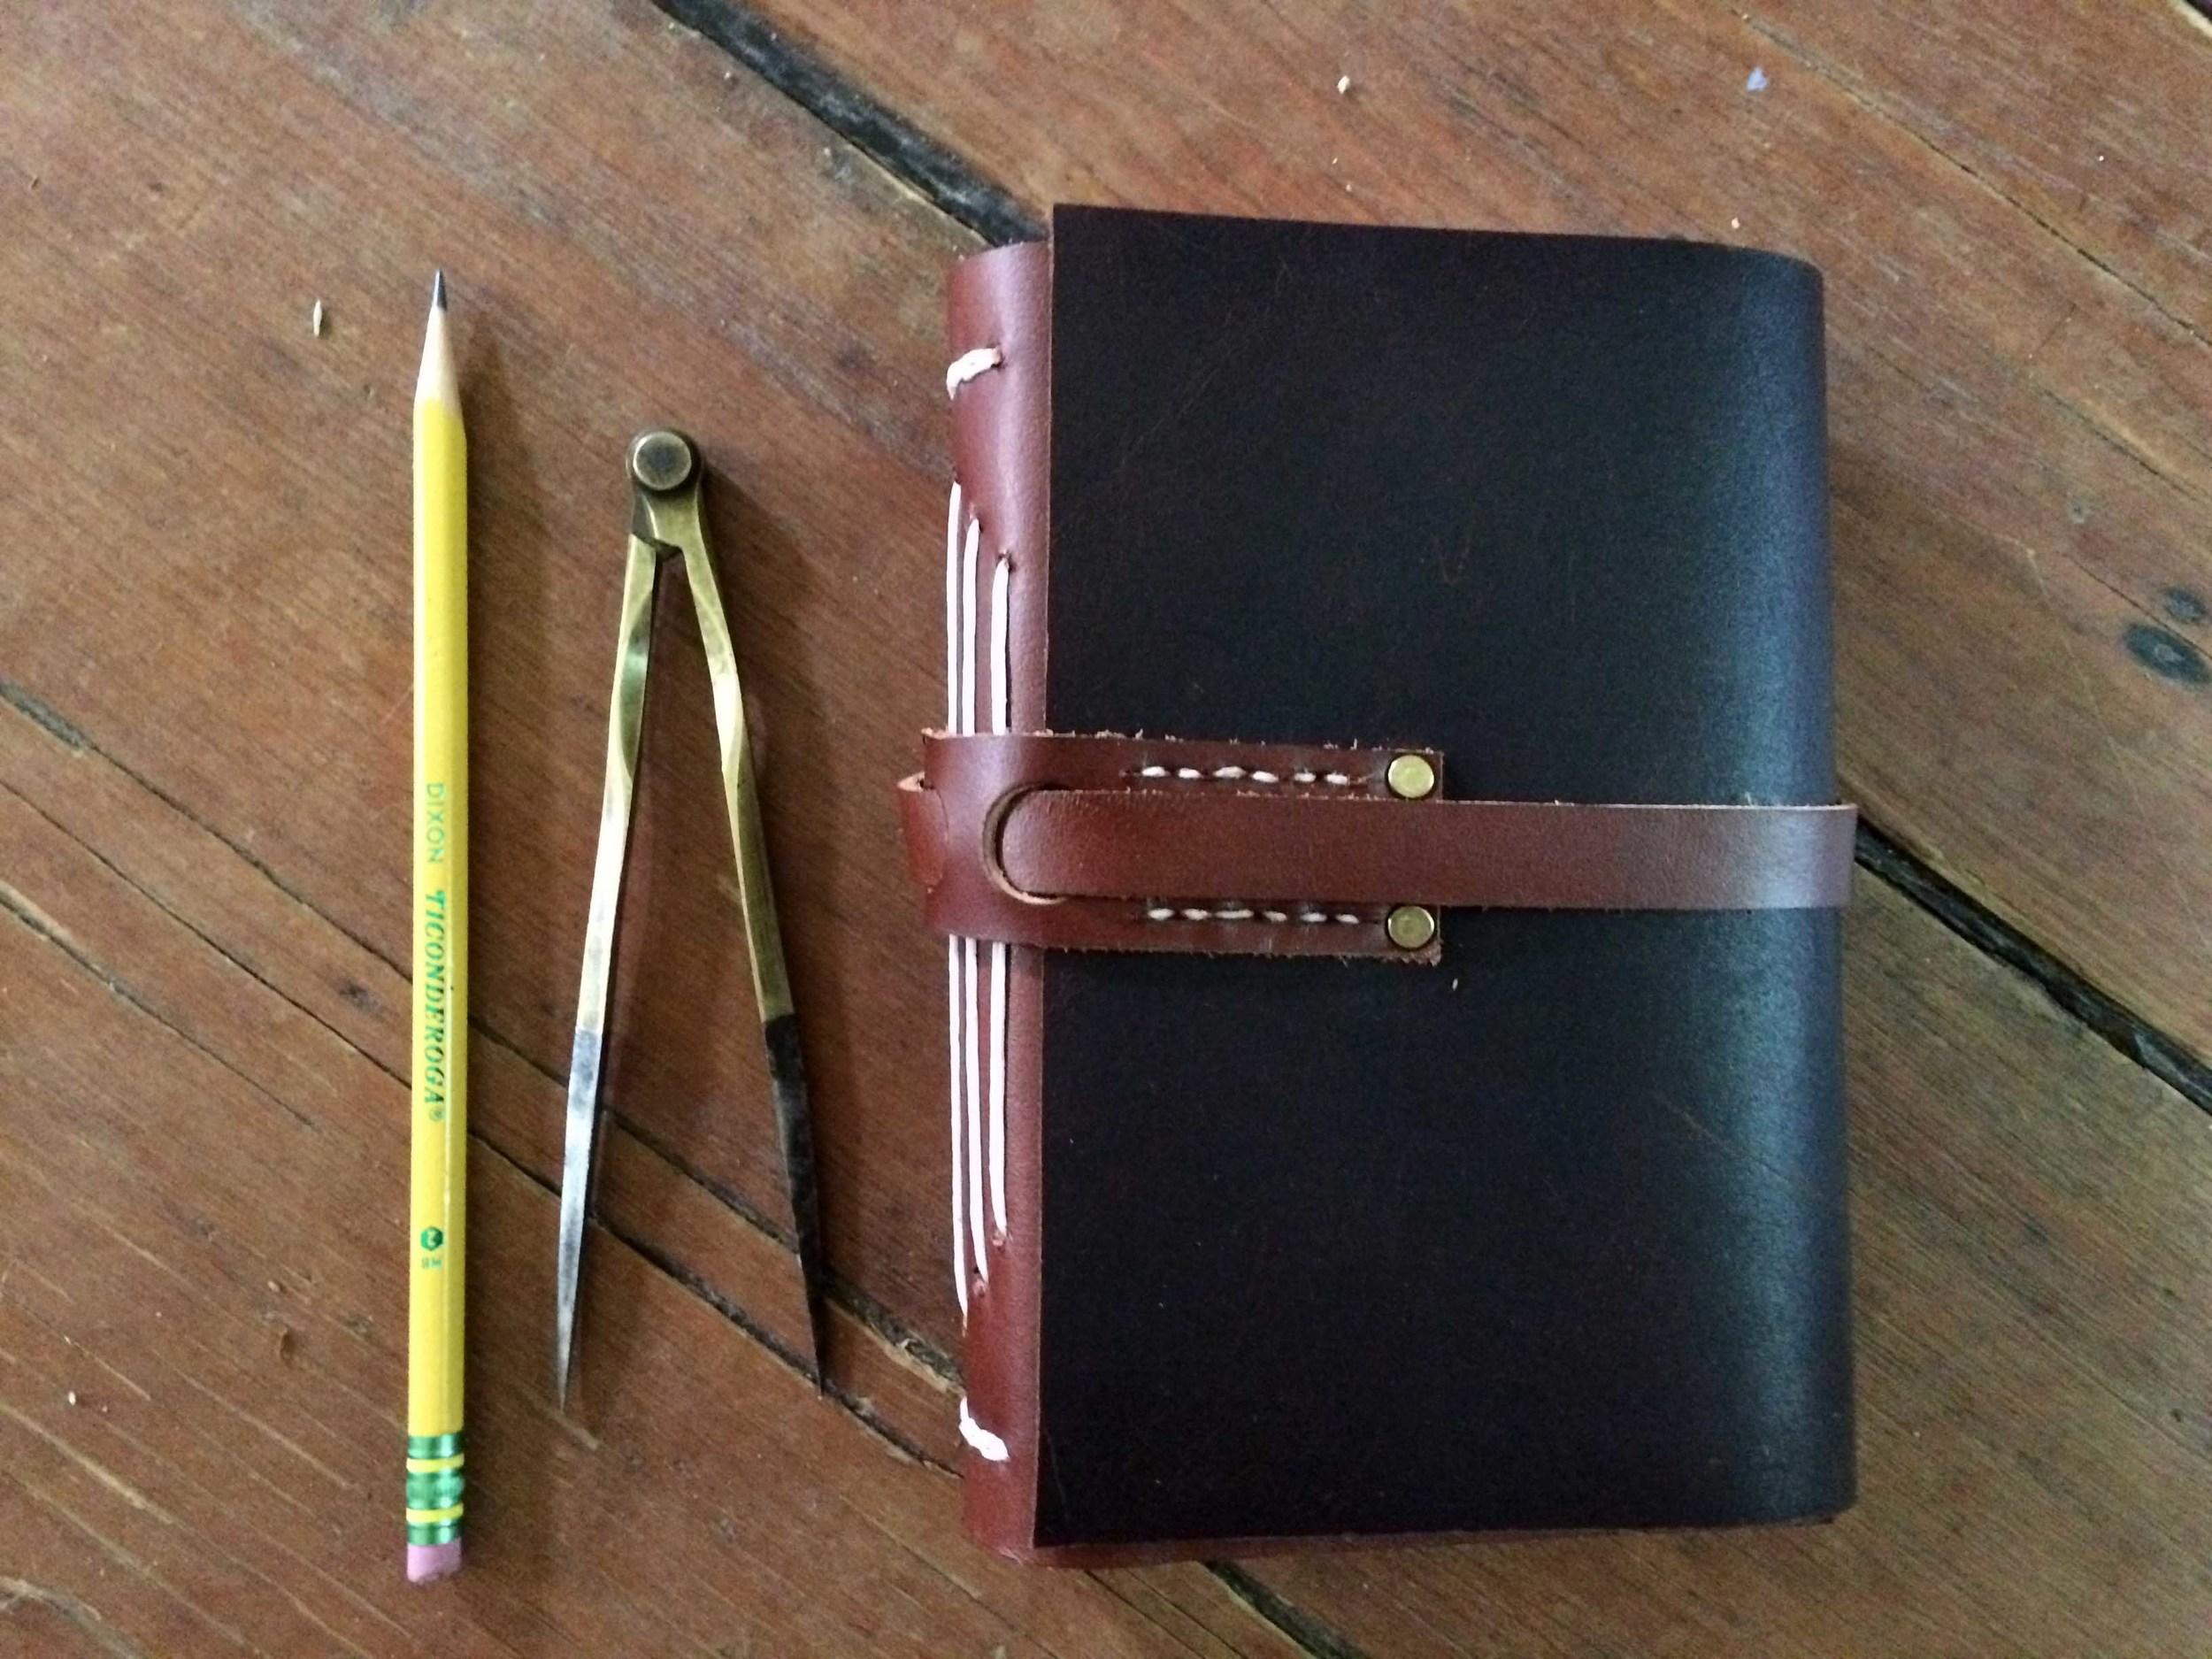 dski-design-cabin-duo-leather-2.jpg